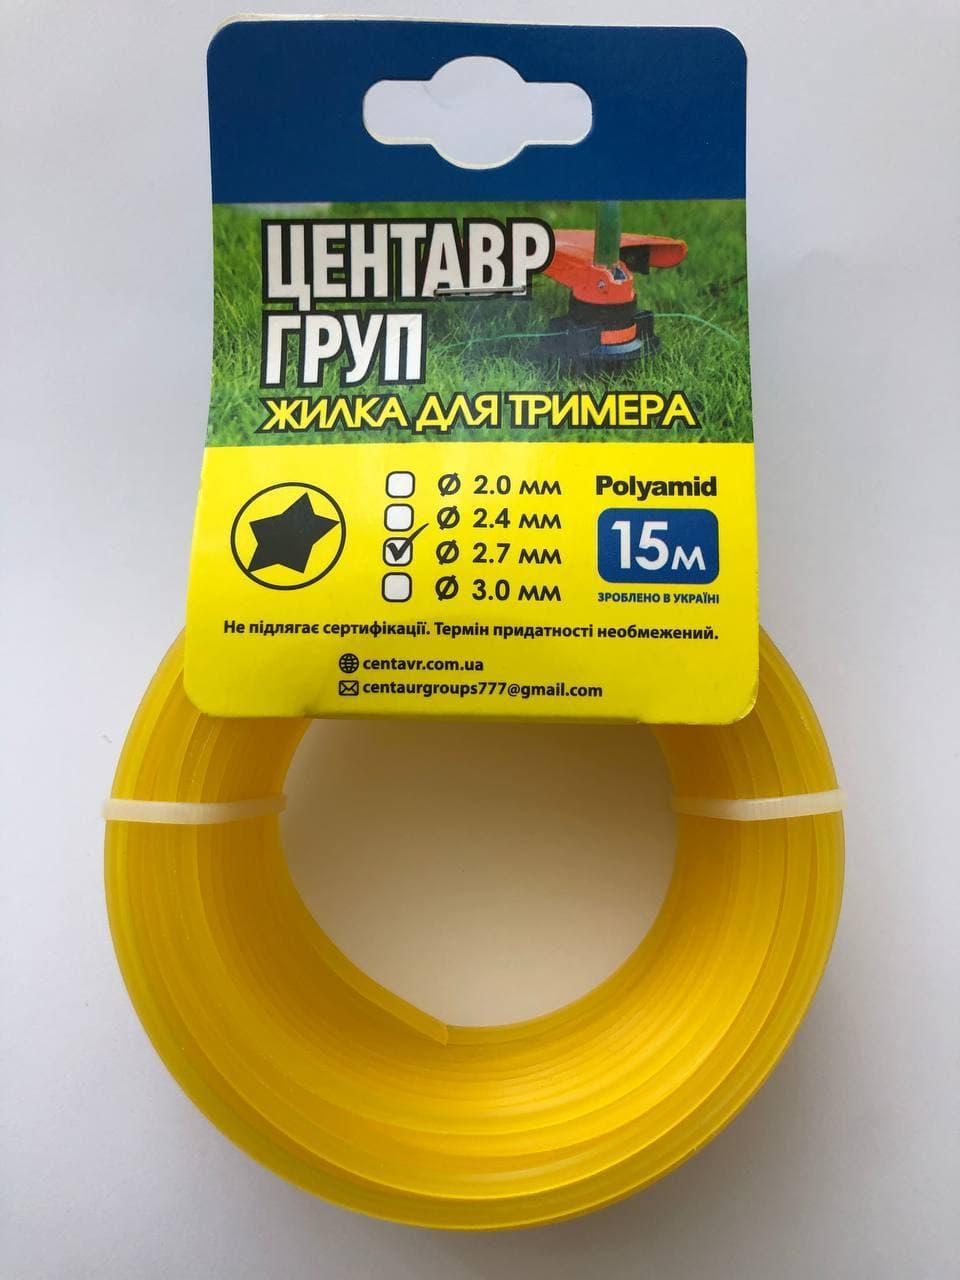 Леска для триммера звезда из нейлона 2,0 мм. 15 метров производство Украина